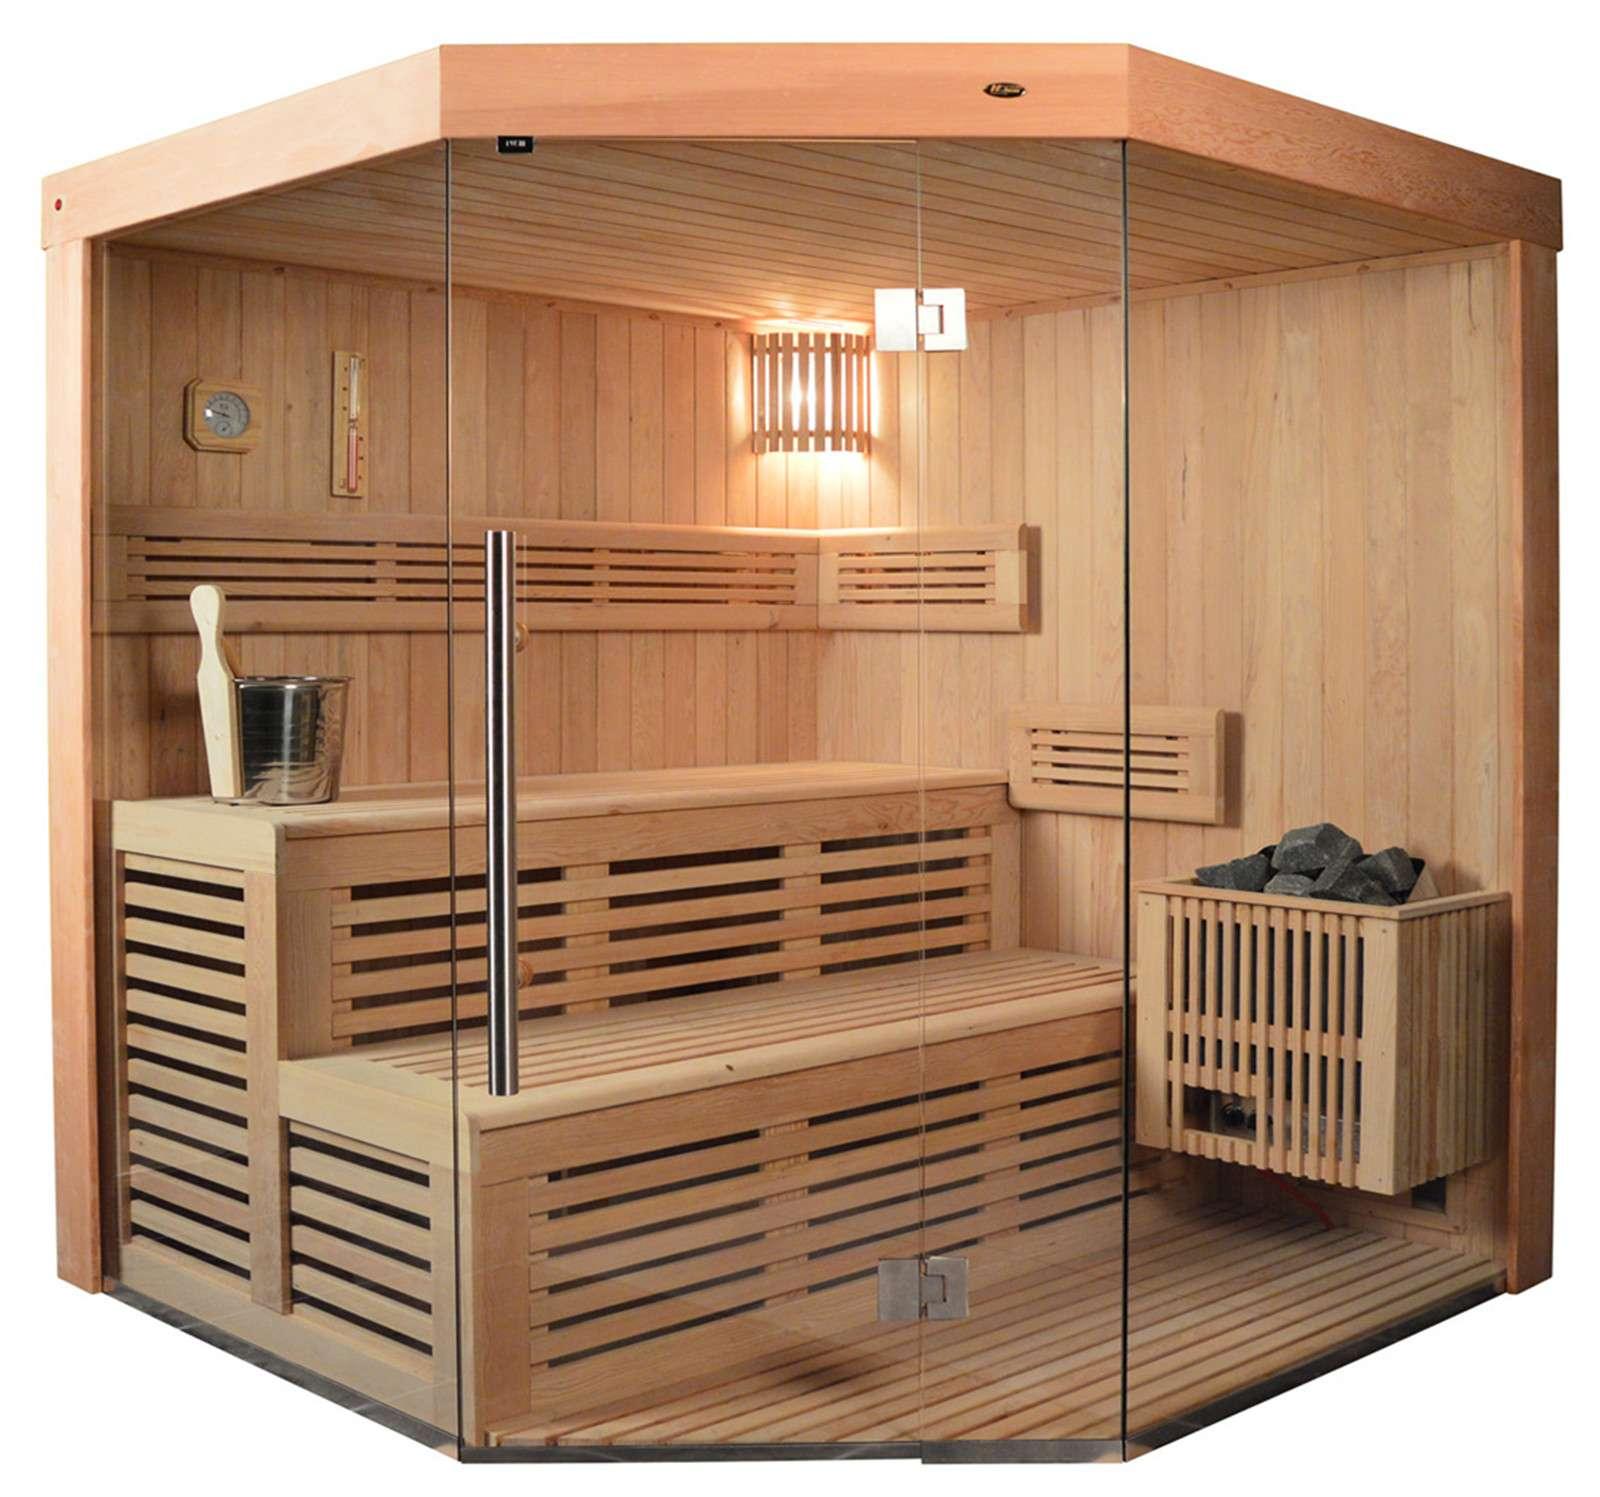 Wunderbar Sauna Für Zuhause Dekoration Von Ts 4013 Eco-ofen, 180x180cm